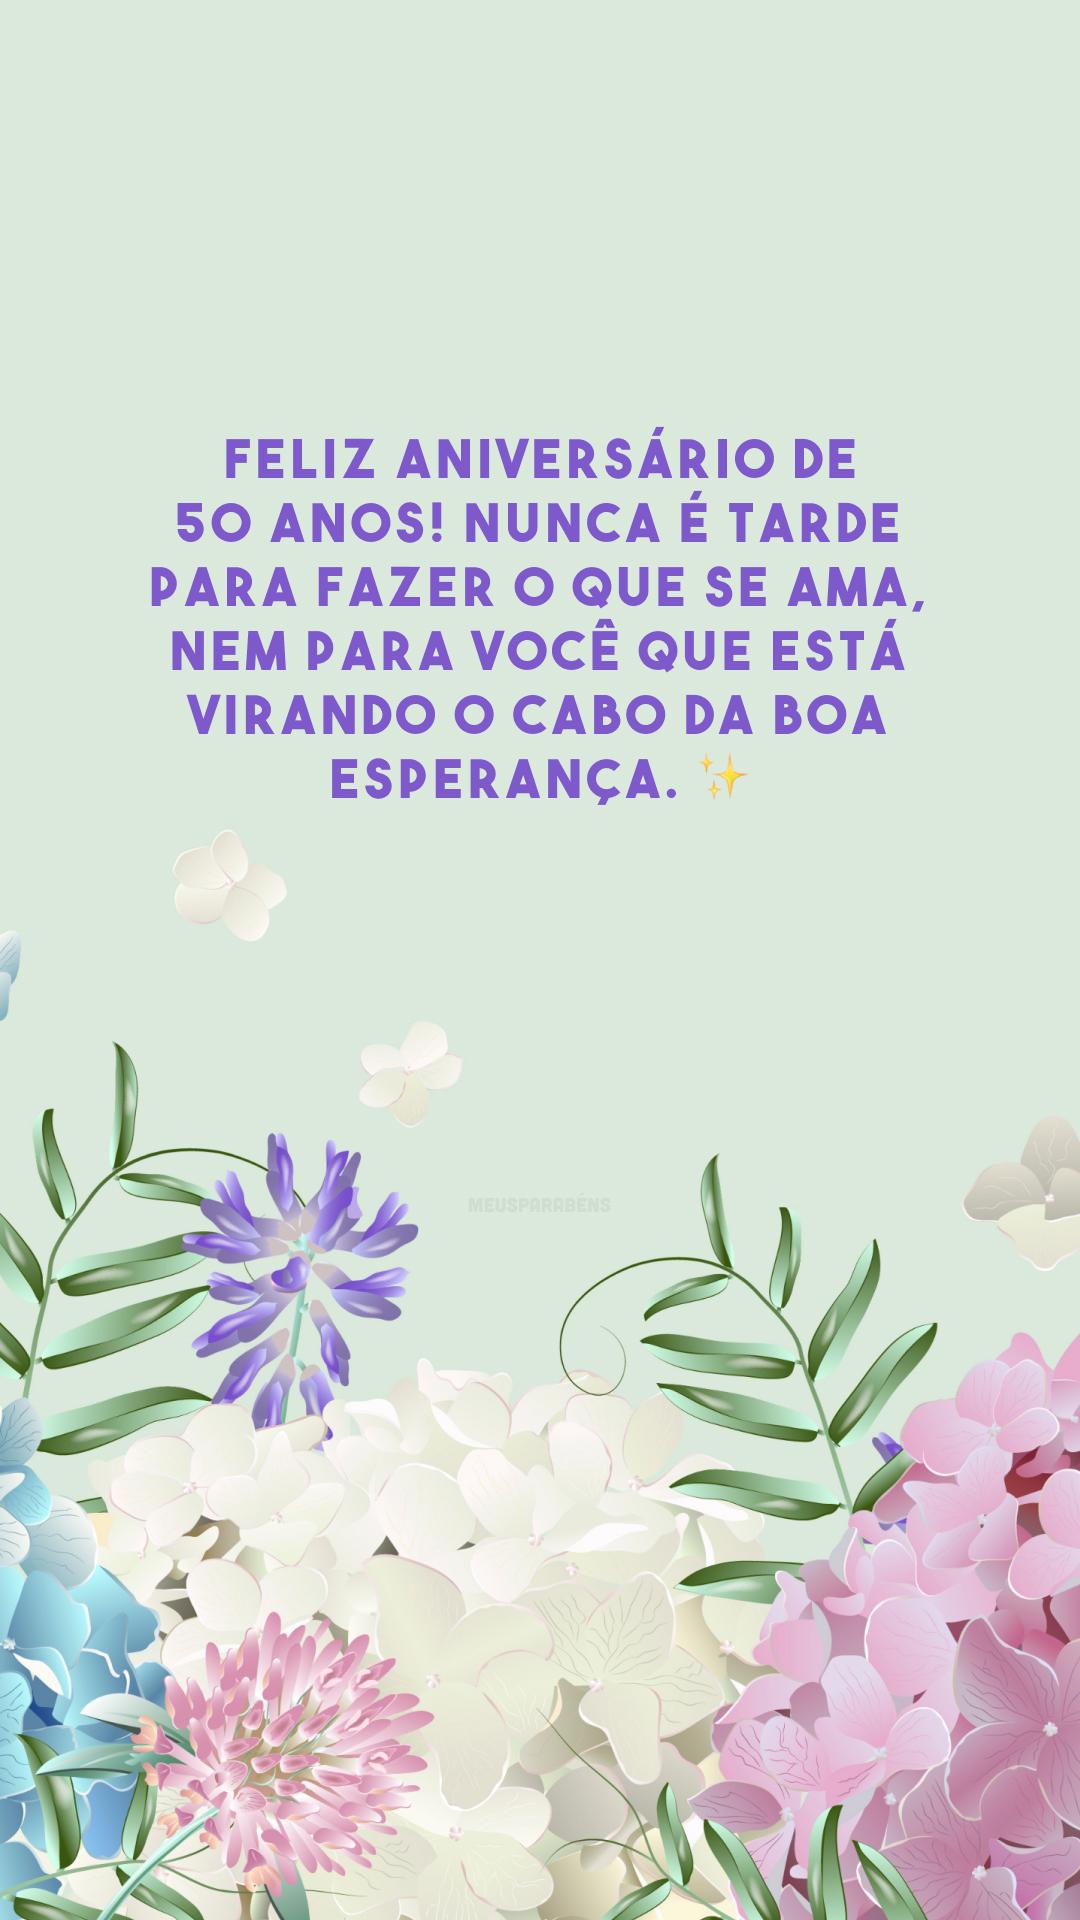 Feliz aniversário de 50 anos! Nunca é tarde para fazer o que se ama, nem para você que está virando o cabo da boa esperança. ✨